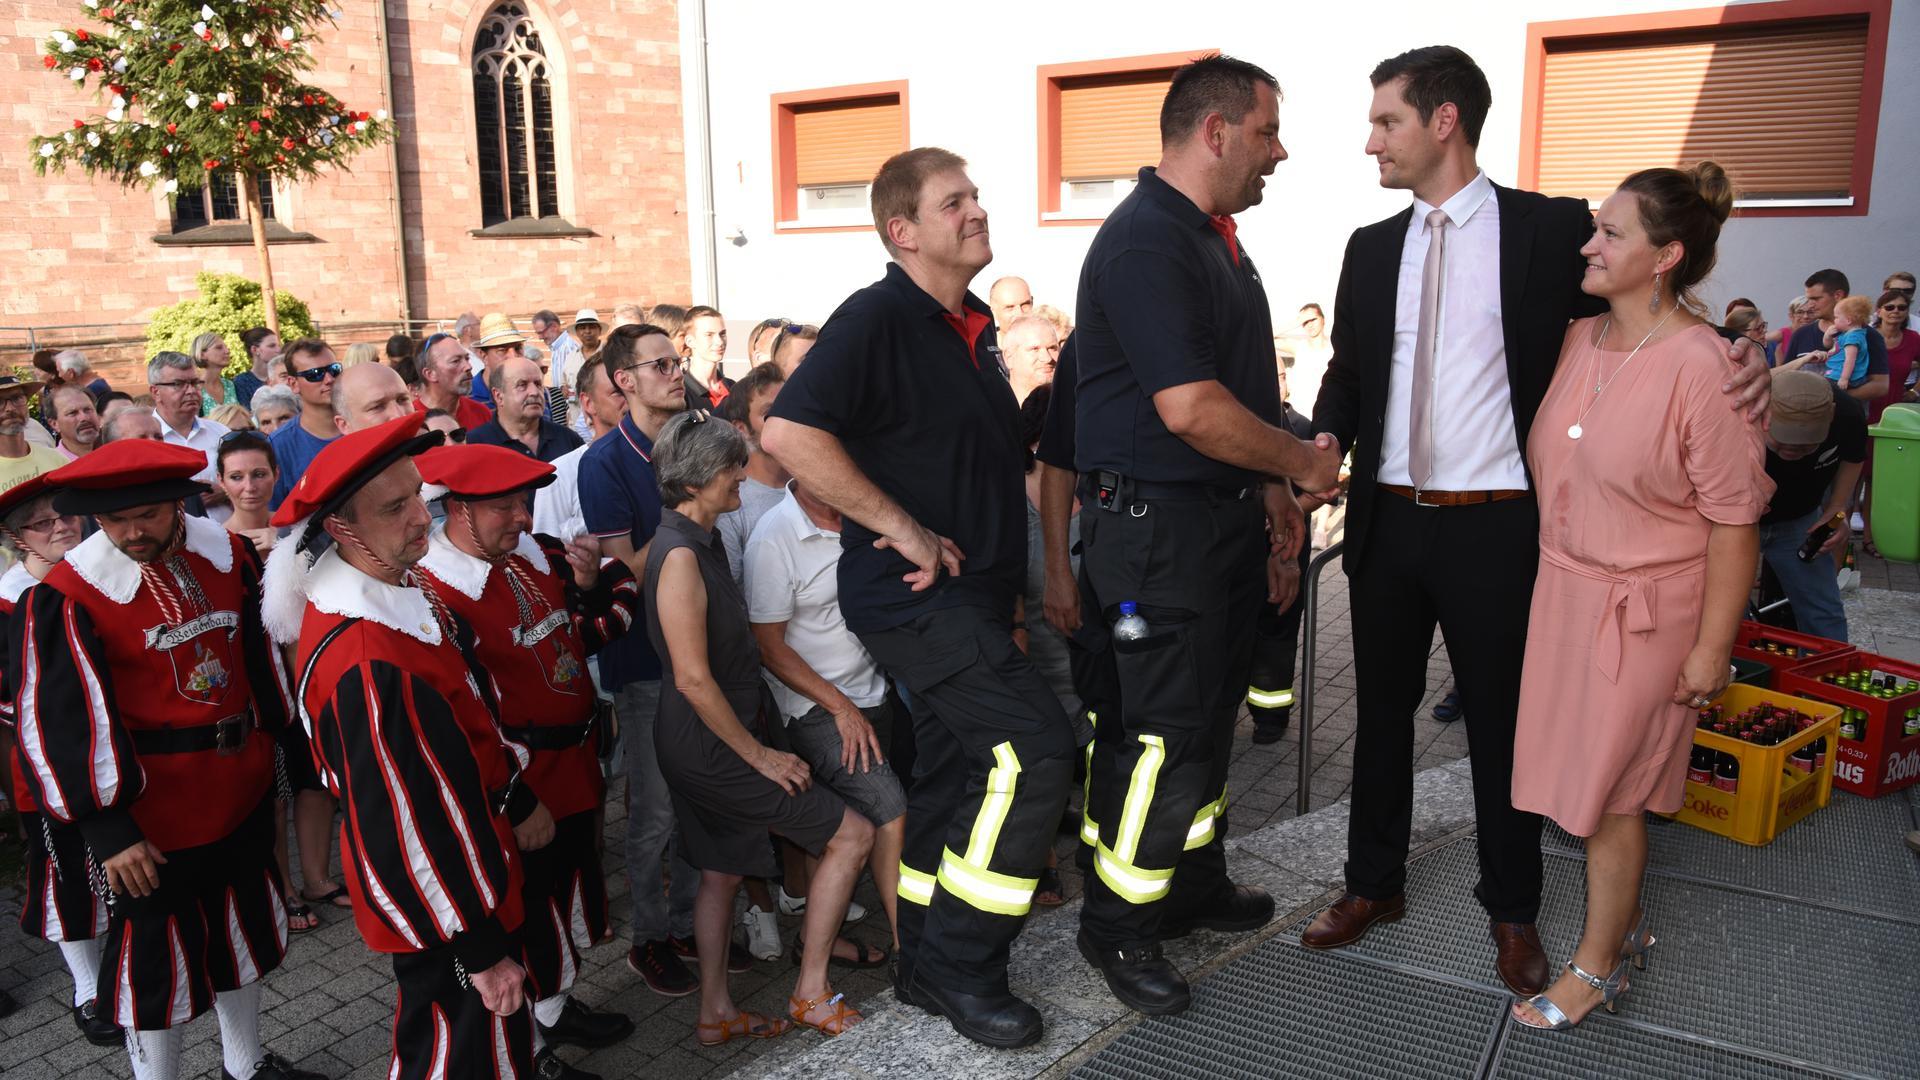 Die Feuerwehr gratuliert dem neuen Weisenbacher Bürgermeister Daniel Retsch und seiner Frau Justyna.